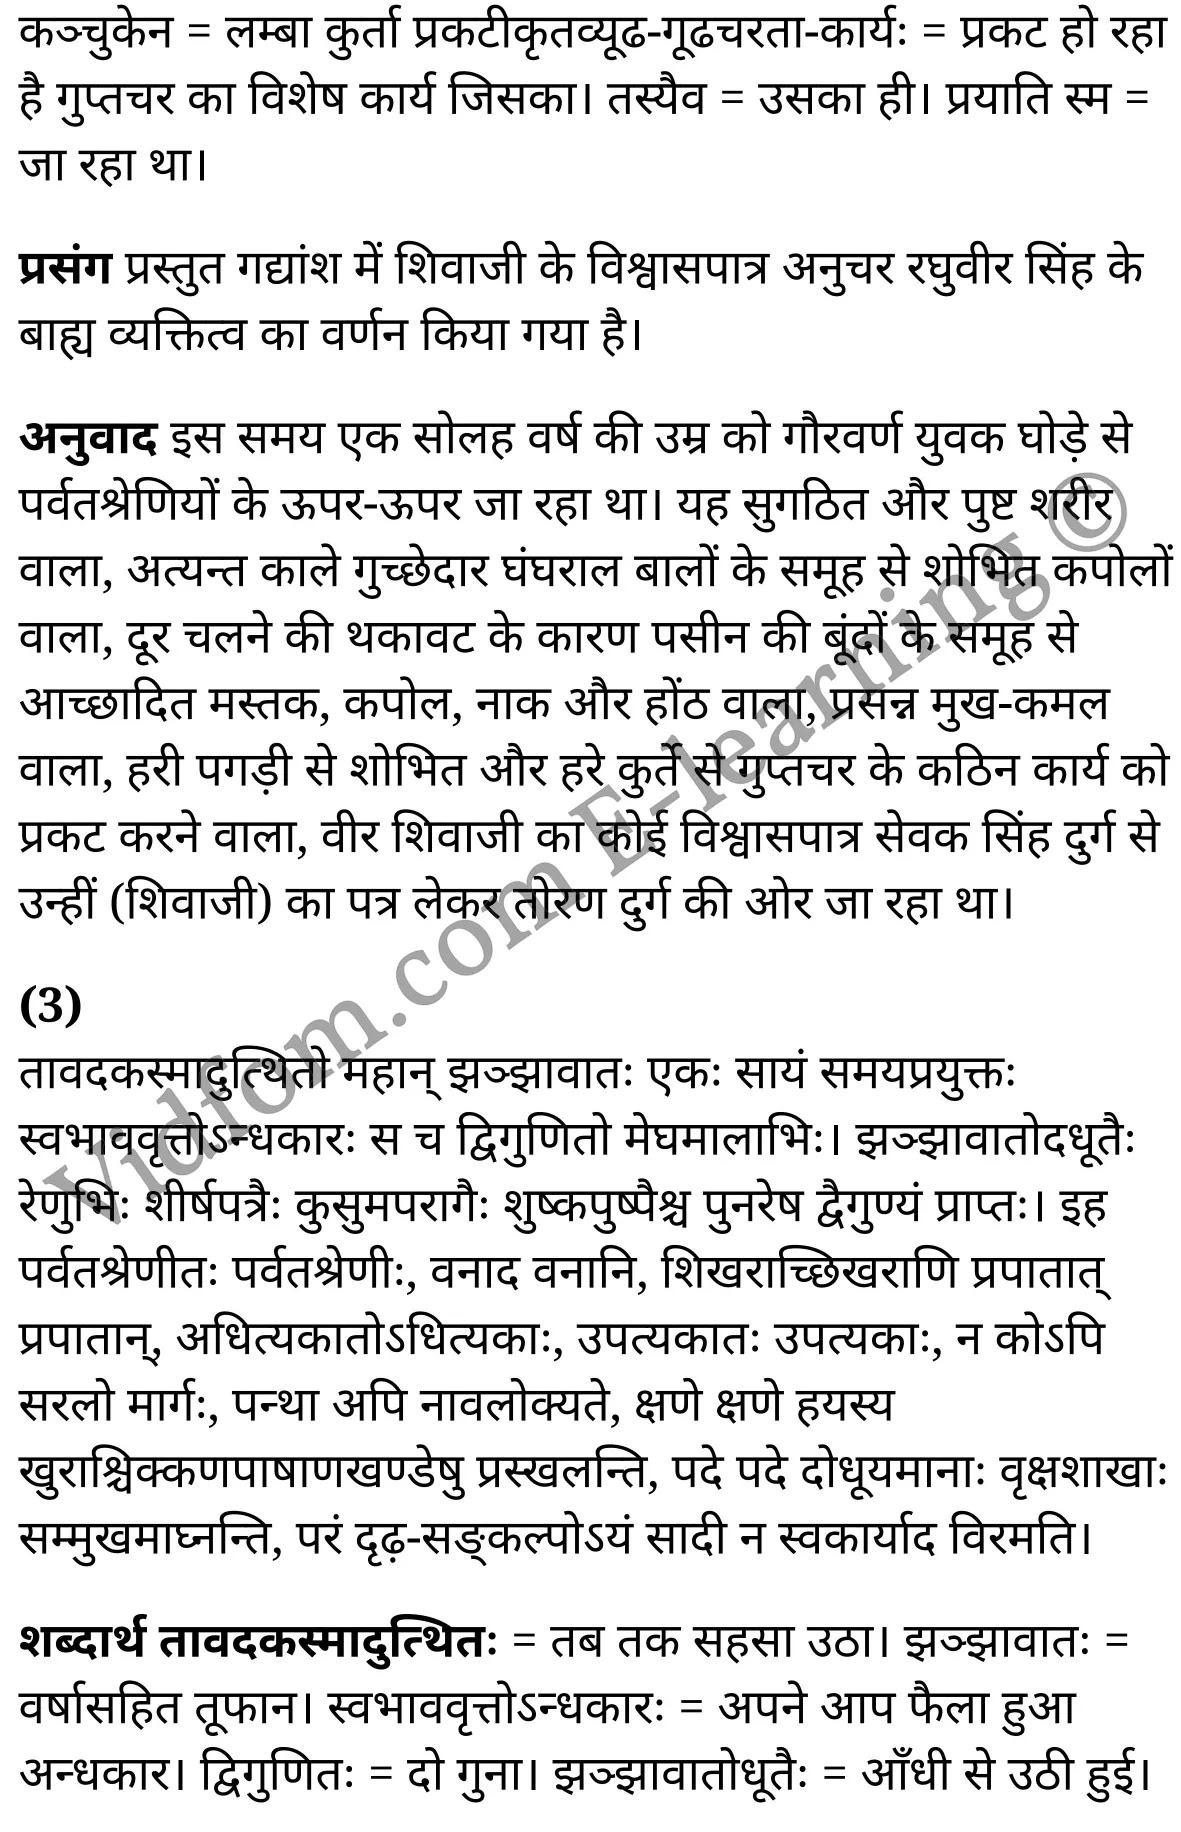 कक्षा 10 संस्कृत  के नोट्स  हिंदी में एनसीईआरटी समाधान,     class 10 sanskrit gadya bharathi Chapter 6,   class 10 sanskrit gadya bharathi Chapter 6 ncert solutions in Hindi,   class 10 sanskrit gadya bharathi Chapter 6 notes in hindi,   class 10 sanskrit gadya bharathi Chapter 6 question answer,   class 10 sanskrit gadya bharathi Chapter 6 notes,   class 10 sanskrit gadya bharathi Chapter 6 class 10 sanskrit gadya bharathi Chapter 6 in  hindi,    class 10 sanskrit gadya bharathi Chapter 6 important questions in  hindi,   class 10 sanskrit gadya bharathi Chapter 6 notes in hindi,    class 10 sanskrit gadya bharathi Chapter 6 test,   class 10 sanskrit gadya bharathi Chapter 6 pdf,   class 10 sanskrit gadya bharathi Chapter 6 notes pdf,   class 10 sanskrit gadya bharathi Chapter 6 exercise solutions,   class 10 sanskrit gadya bharathi Chapter 6 notes study rankers,   class 10 sanskrit gadya bharathi Chapter 6 notes,    class 10 sanskrit gadya bharathi Chapter 6  class 10  notes pdf,   class 10 sanskrit gadya bharathi Chapter 6 class 10  notes  ncert,   class 10 sanskrit gadya bharathi Chapter 6 class 10 pdf,   class 10 sanskrit gadya bharathi Chapter 6  book,   class 10 sanskrit gadya bharathi Chapter 6 quiz class 10  ,   कक्षा 10 कार्यं वा साधयेयं देहं वा पातयेयम्,  कक्षा 10 कार्यं वा साधयेयं देहं वा पातयेयम्  के नोट्स हिंदी में,  कक्षा 10 कार्यं वा साधयेयं देहं वा पातयेयम् प्रश्न उत्तर,  कक्षा 10 कार्यं वा साधयेयं देहं वा पातयेयम् के नोट्स,  10 कक्षा कार्यं वा साधयेयं देहं वा पातयेयम्  हिंदी में, कक्षा 10 कार्यं वा साधयेयं देहं वा पातयेयम्  हिंदी में,  कक्षा 10 कार्यं वा साधयेयं देहं वा पातयेयम्  महत्वपूर्ण प्रश्न हिंदी में, कक्षा 10 संस्कृत के नोट्स  हिंदी में, कार्यं वा साधयेयं देहं वा पातयेयम् हिंदी में कक्षा 10 नोट्स pdf,    कार्यं वा साधयेयं देहं वा पातयेयम् हिंदी में  कक्षा 10 नोट्स 2021 ncert,   कार्यं वा साधयेयं देहं वा पातयेयम् हिंदी  कक्षा 10 pdf,   कार्यं वा साधयेयं देहं वा पातयेयम् हिंदी में  पुस्तक,   कार्यं वा साधयेयं देहं वा पातयेयम् हिंदी में की बुक,